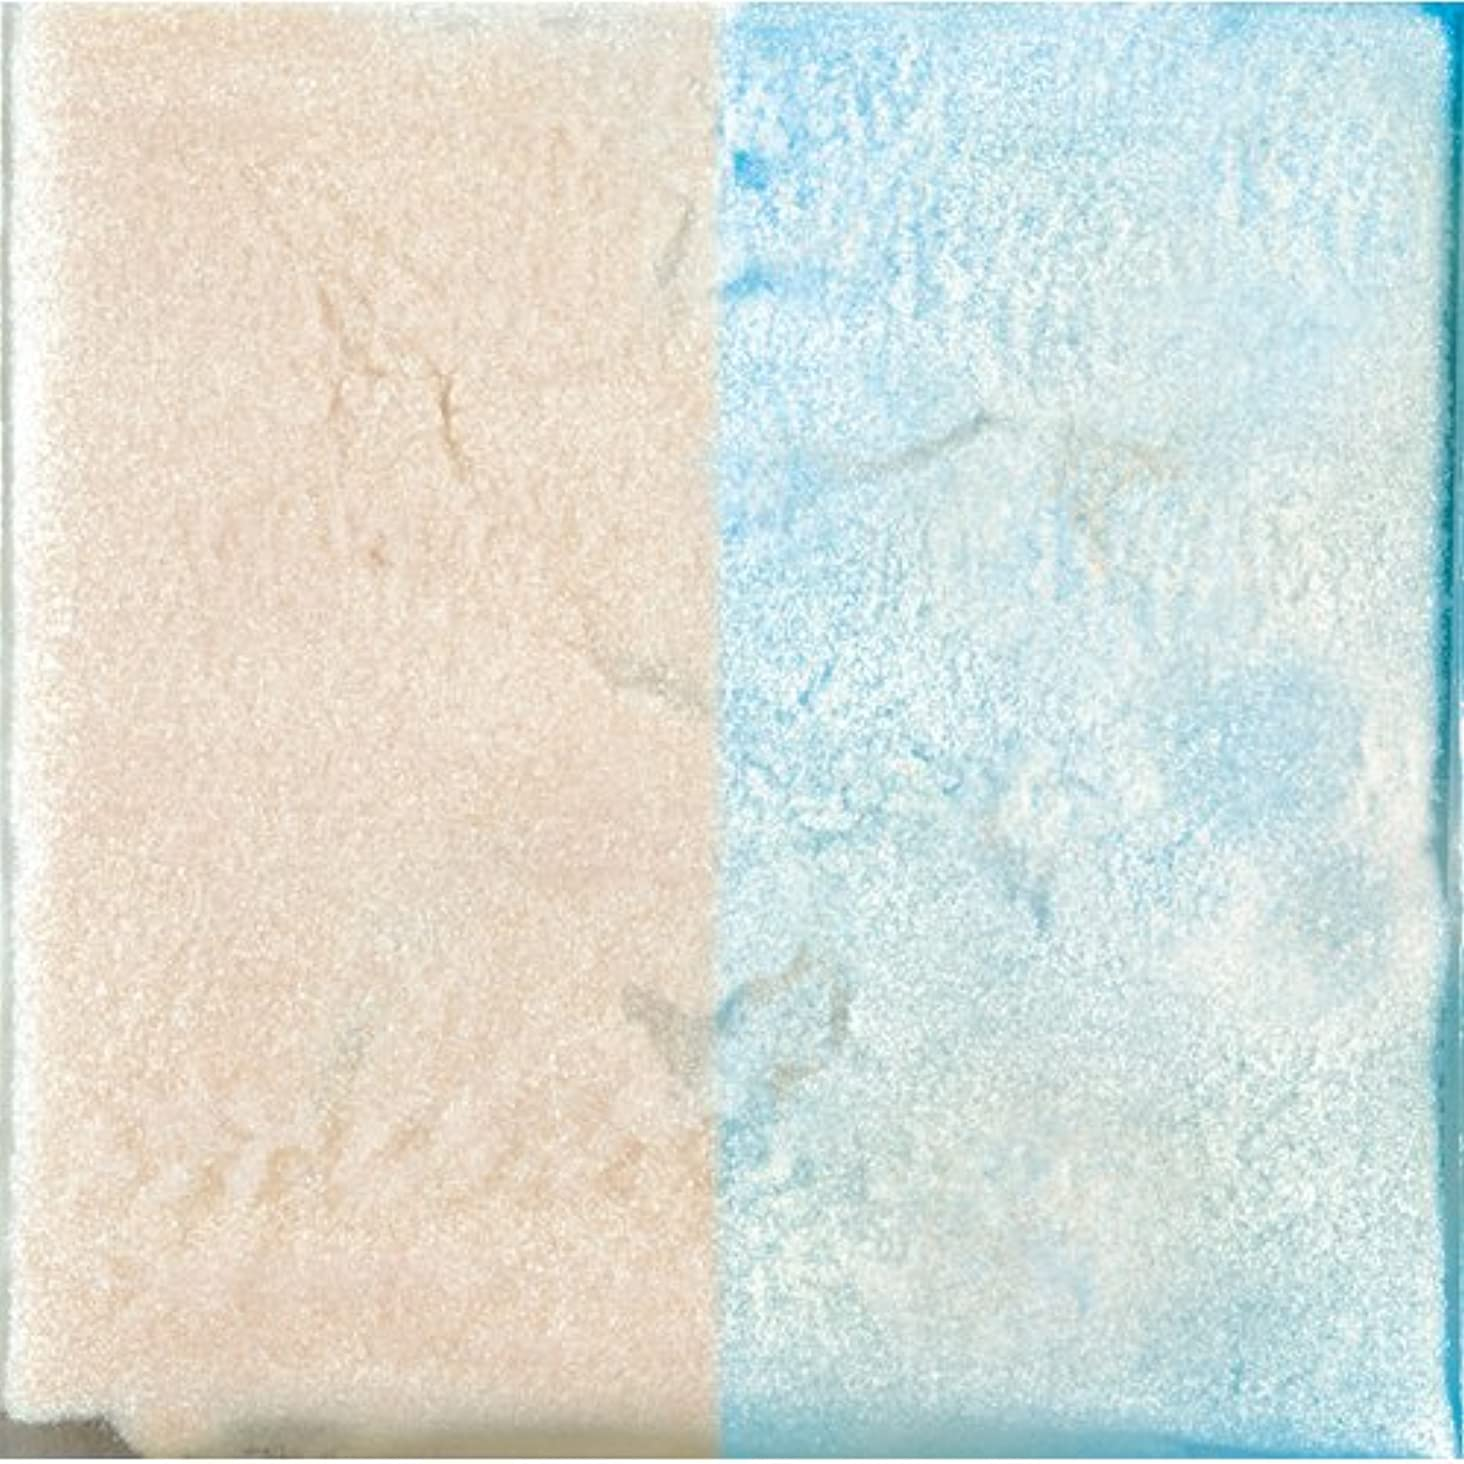 風変わりな雄弁ボードピカエース ネイル用パウダー ピカエース エフェクトフレークH M #403 ブルー 0.4g アート材